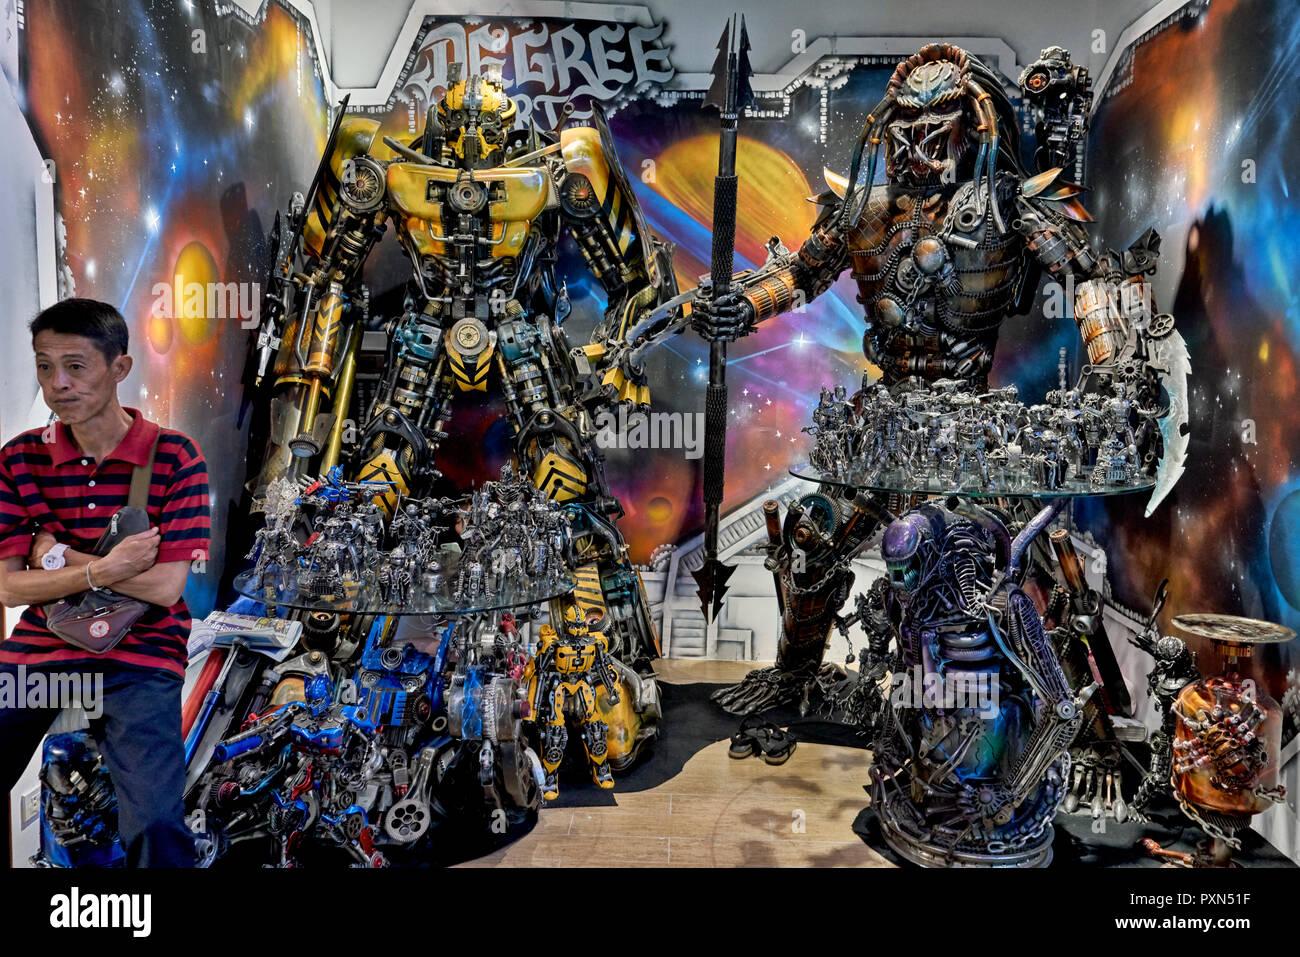 Thailandia venditore a vendere grandi modelli in scala del trasformatore e Alien figure Immagini Stock